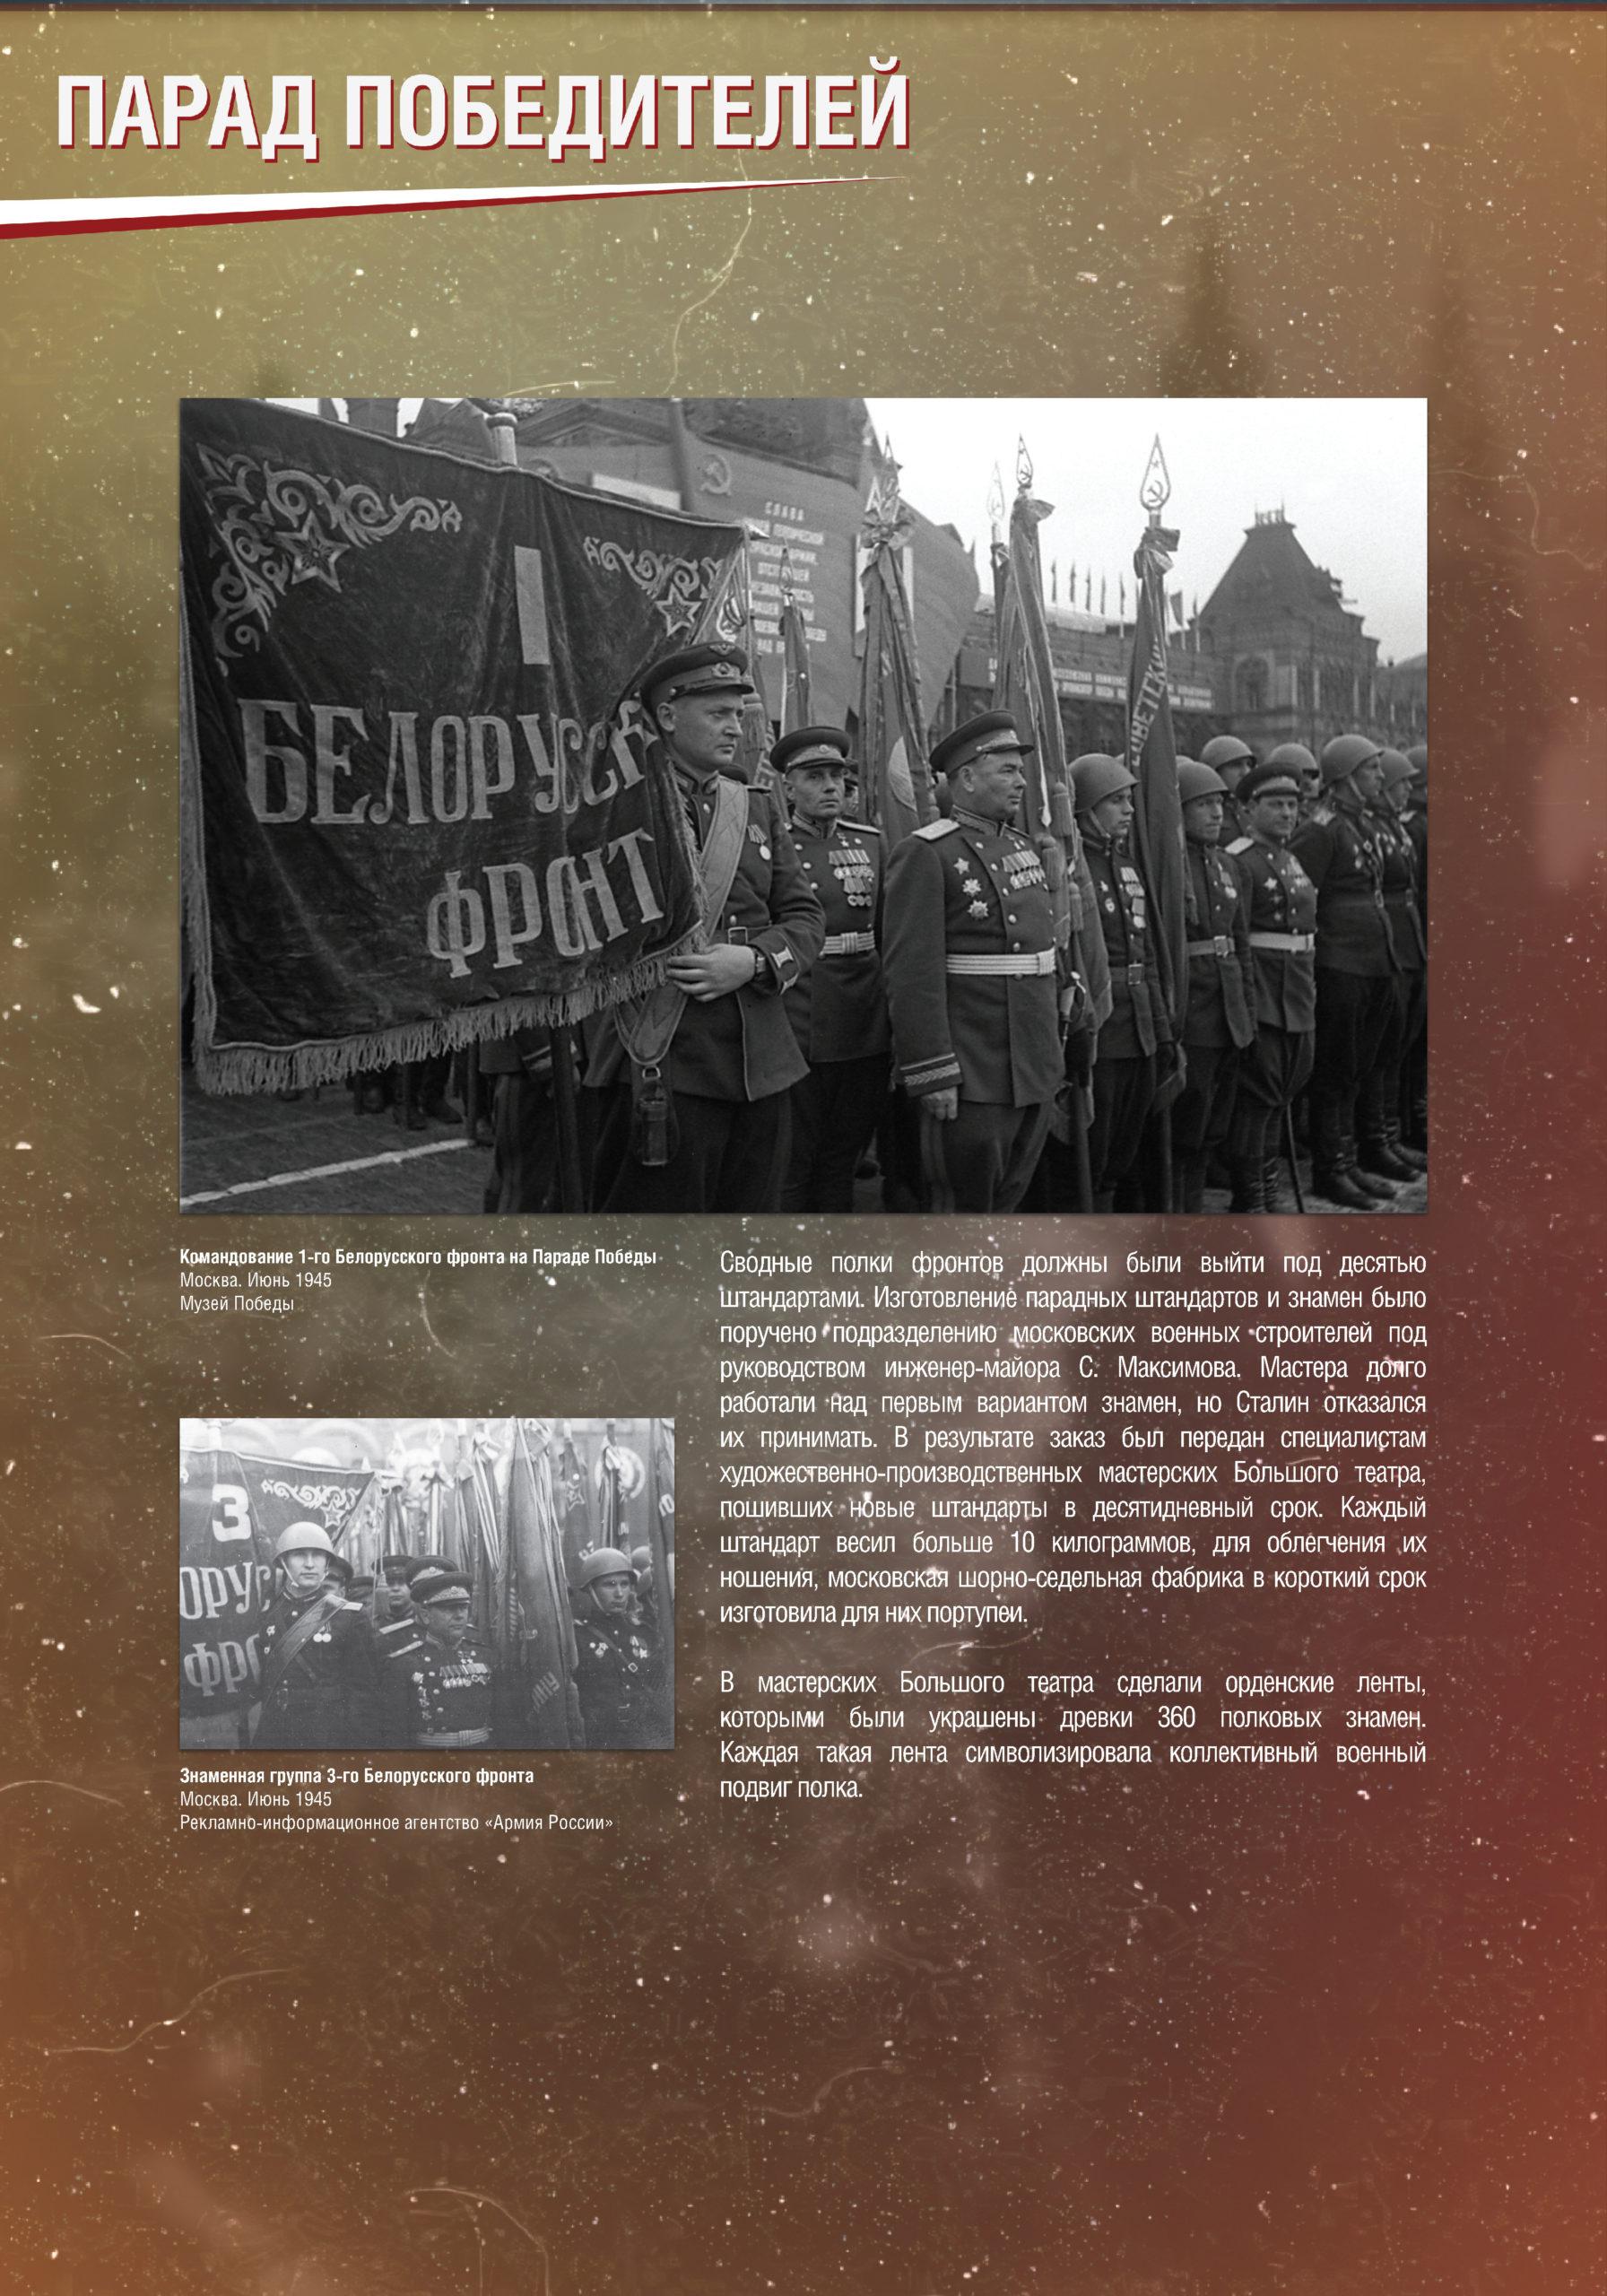 parad_pobediteley_1906_Page15